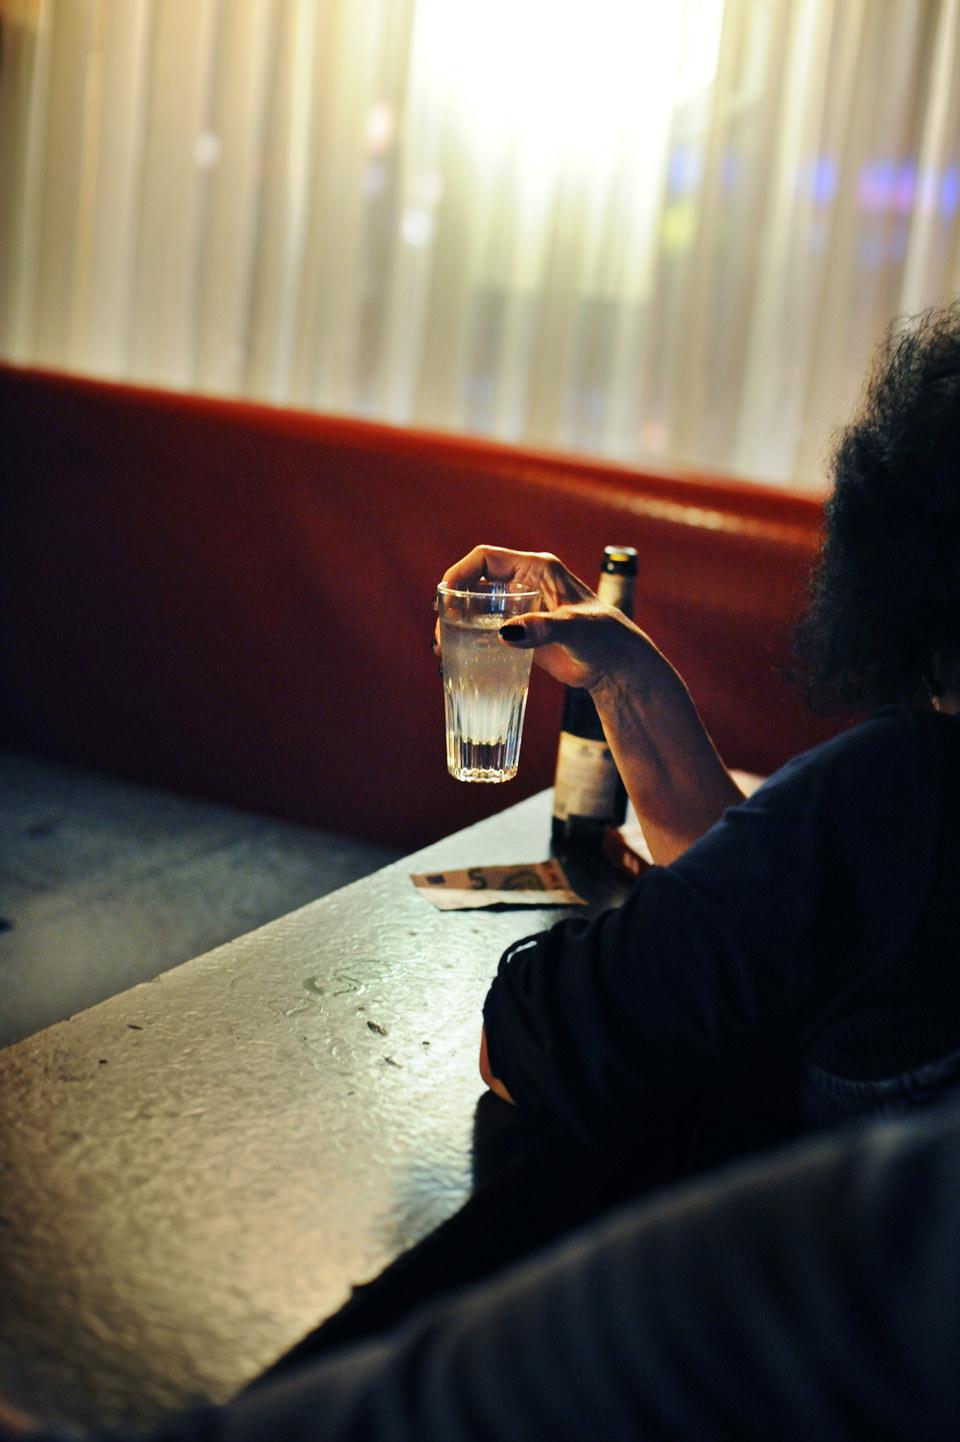 Eine Hand hält ein Glas.